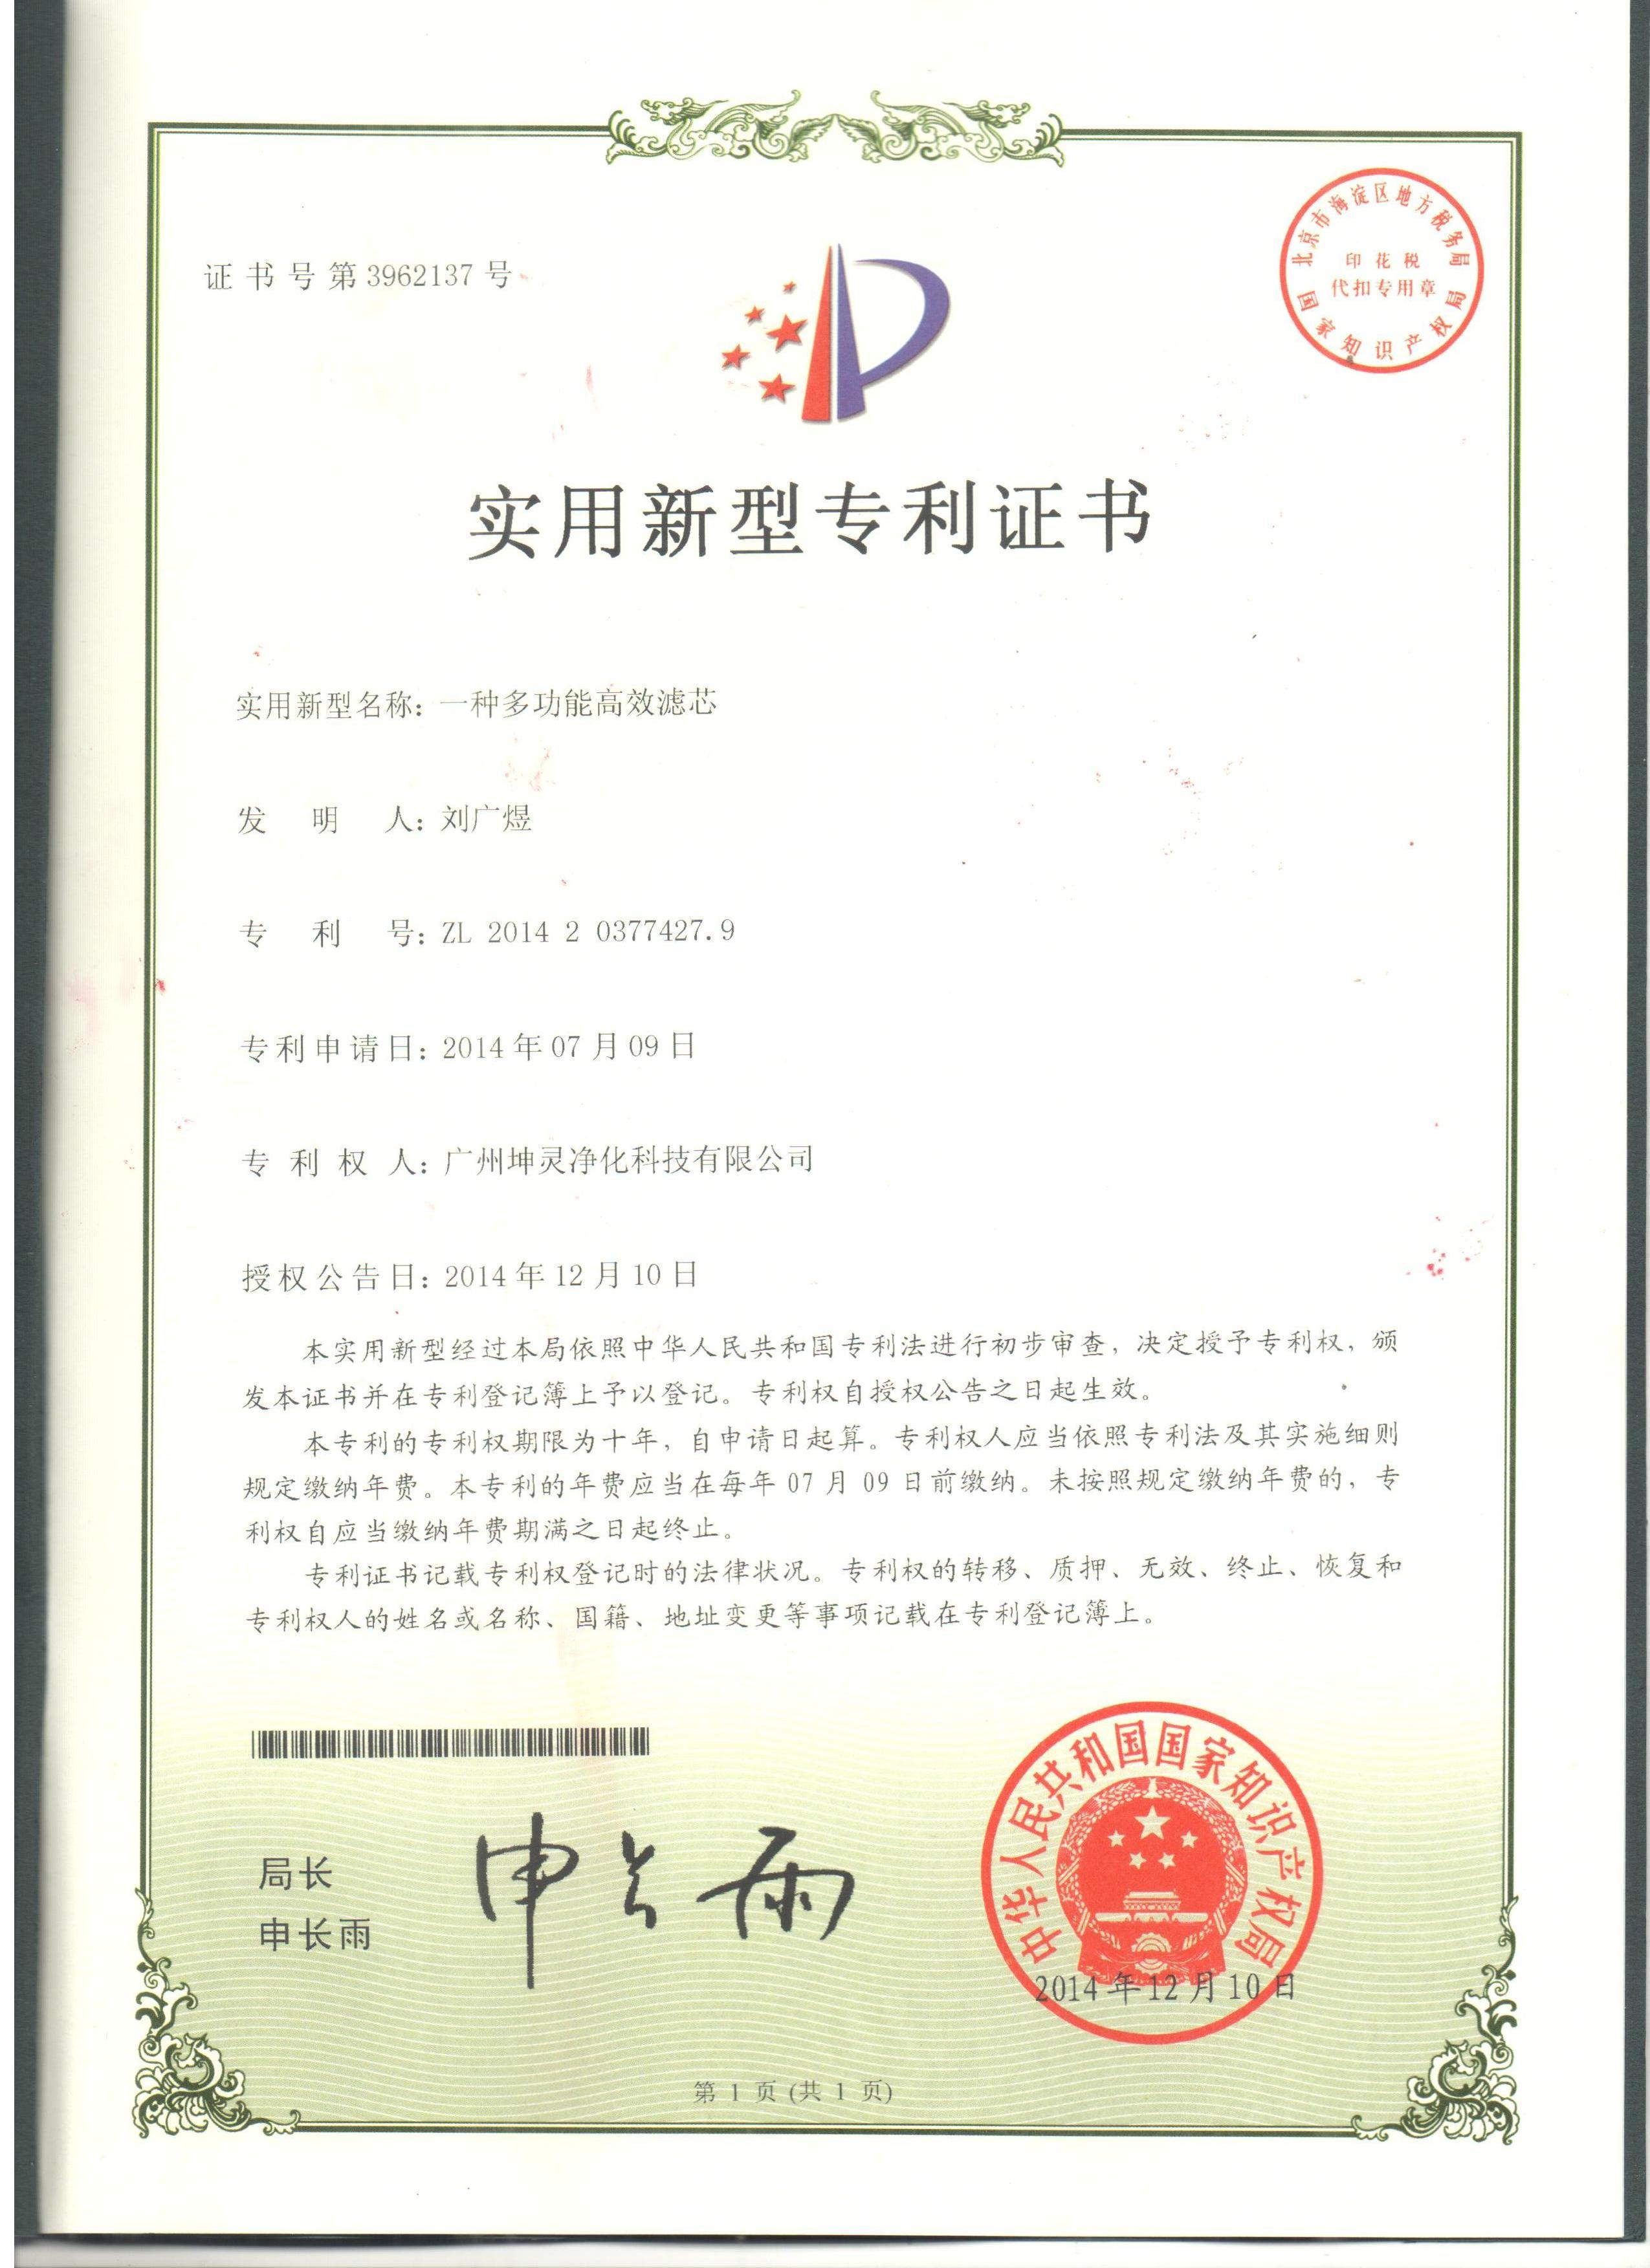 多功能高效滤芯专利证书